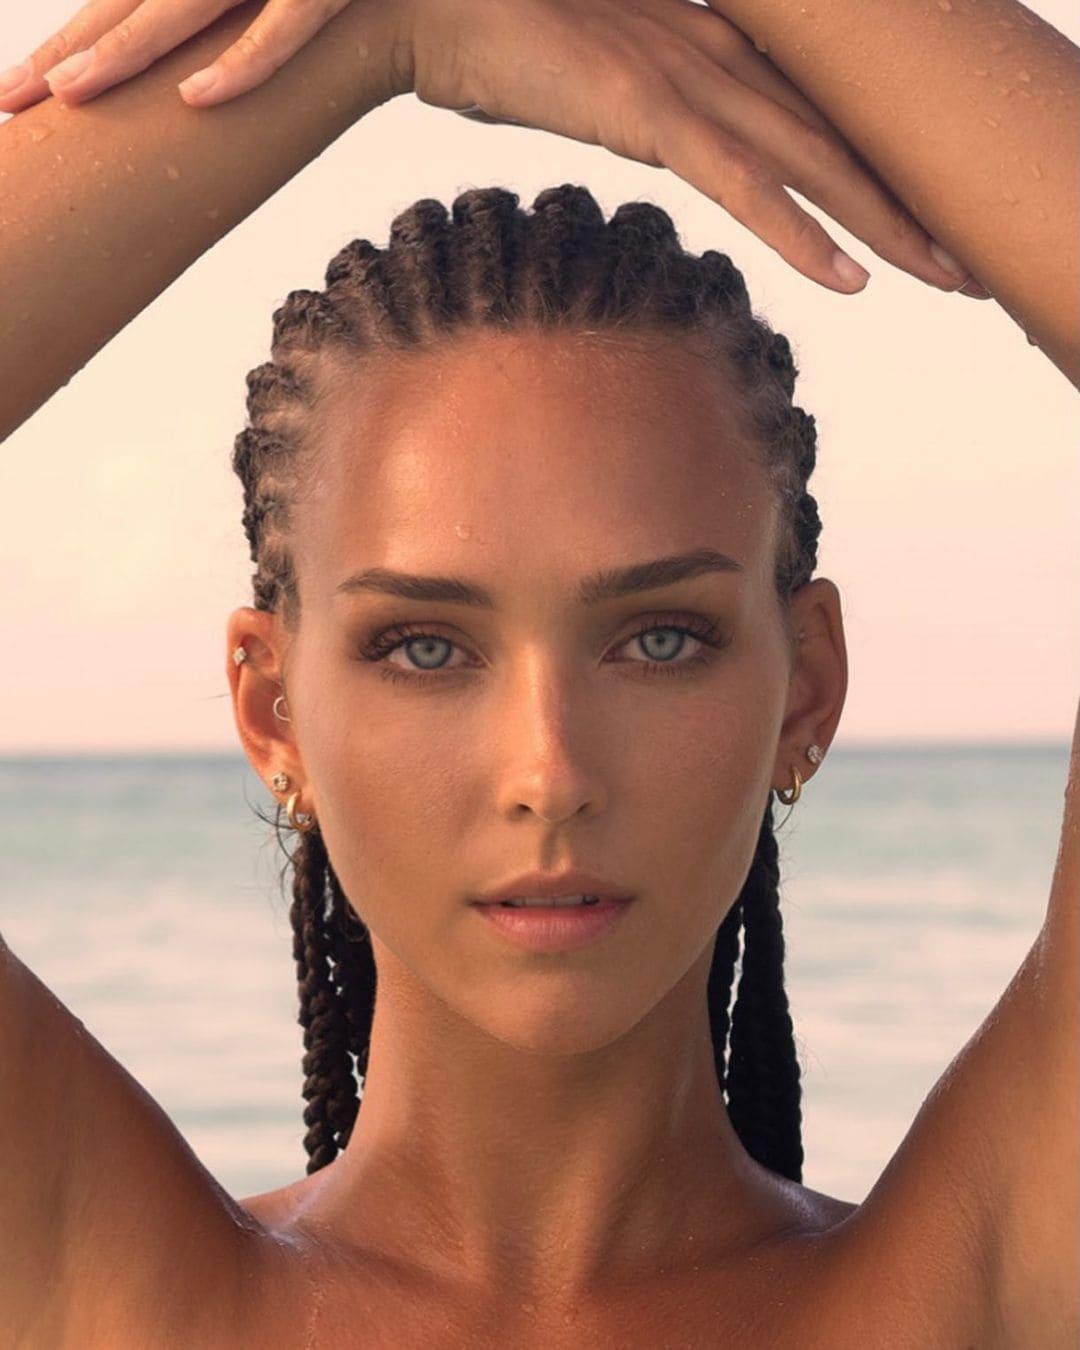 レイチェル・クック「世界で最も美しい顔100人」ノミネートがまるでヴィーナスの誕生…【画像2枚】の画像002